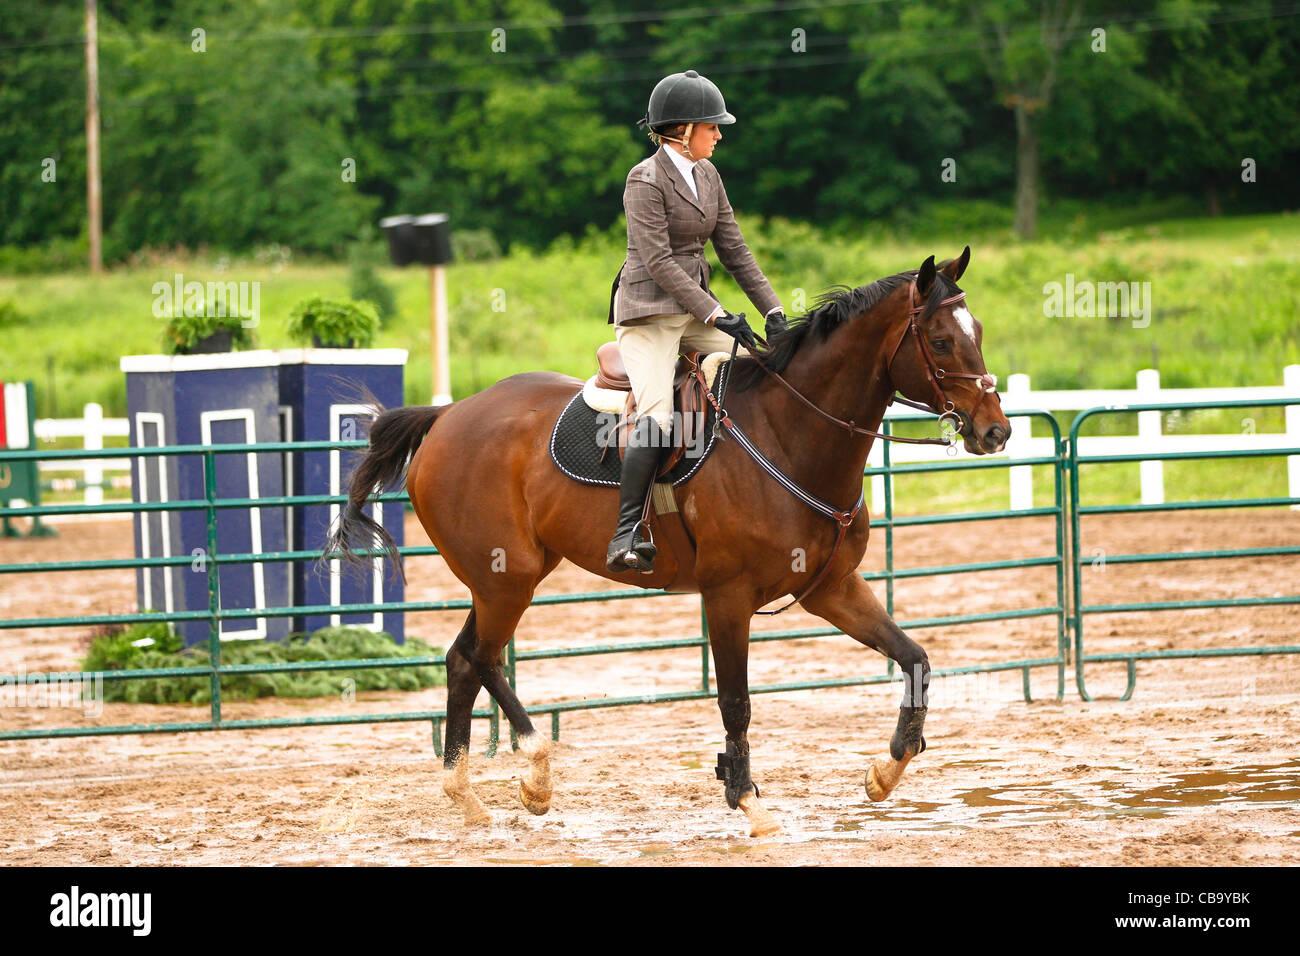 Bay horse trotting - Stock Image